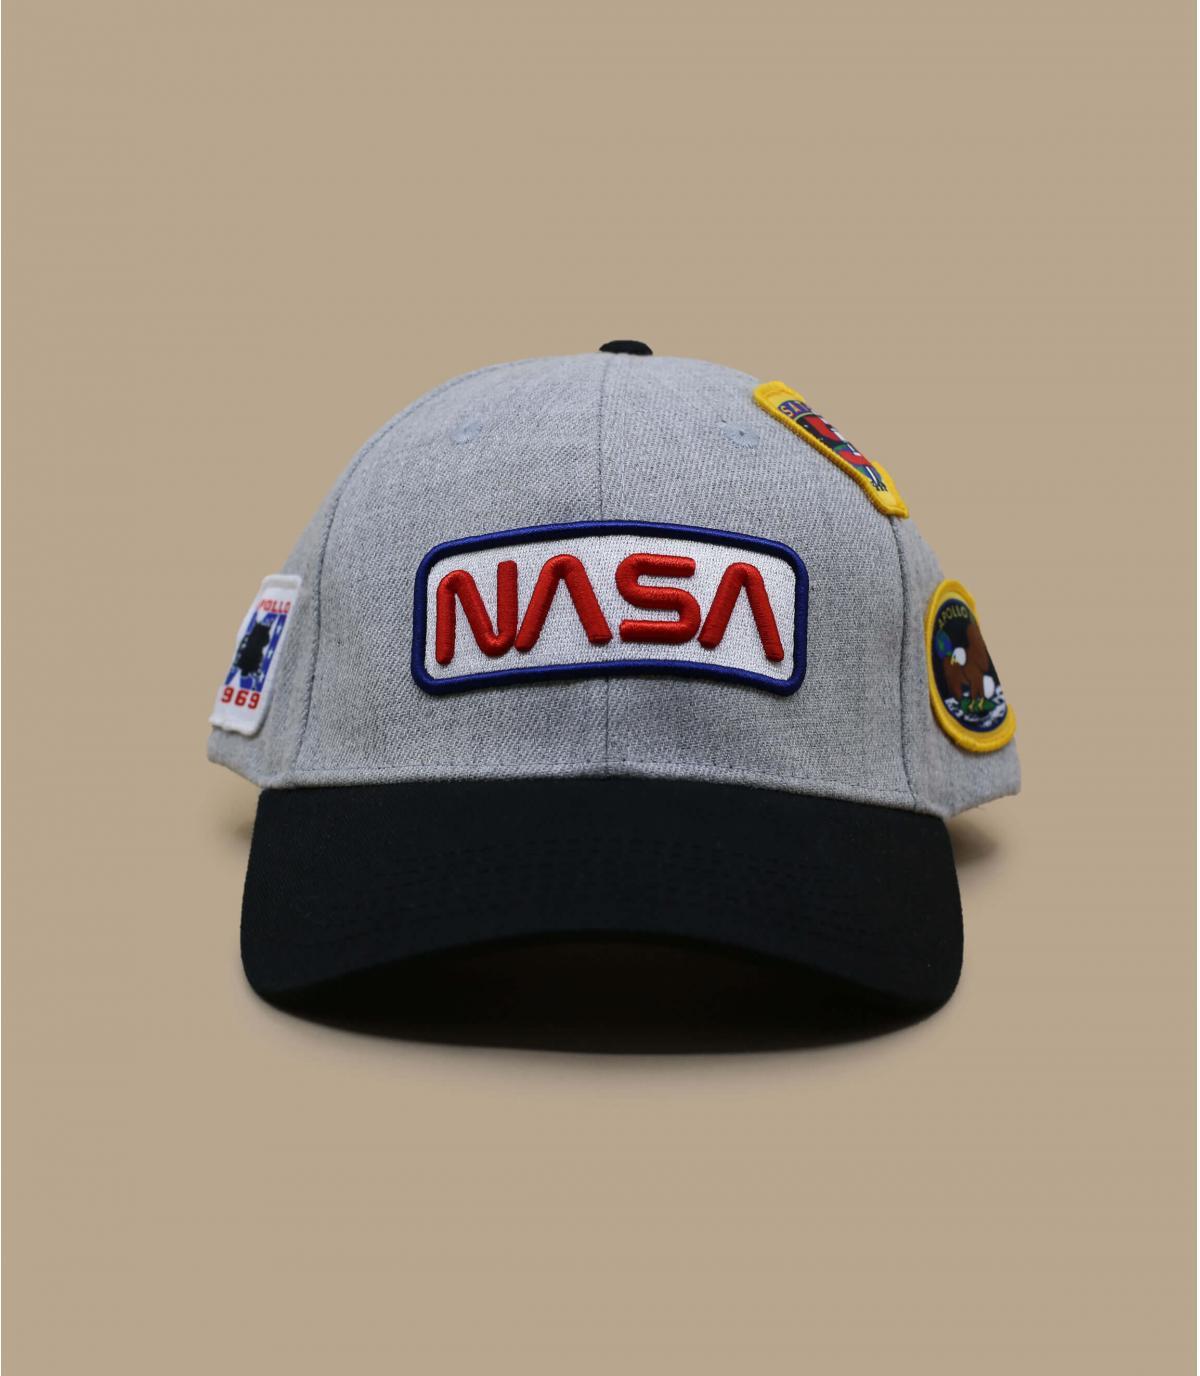 zwart grijze NASA cap